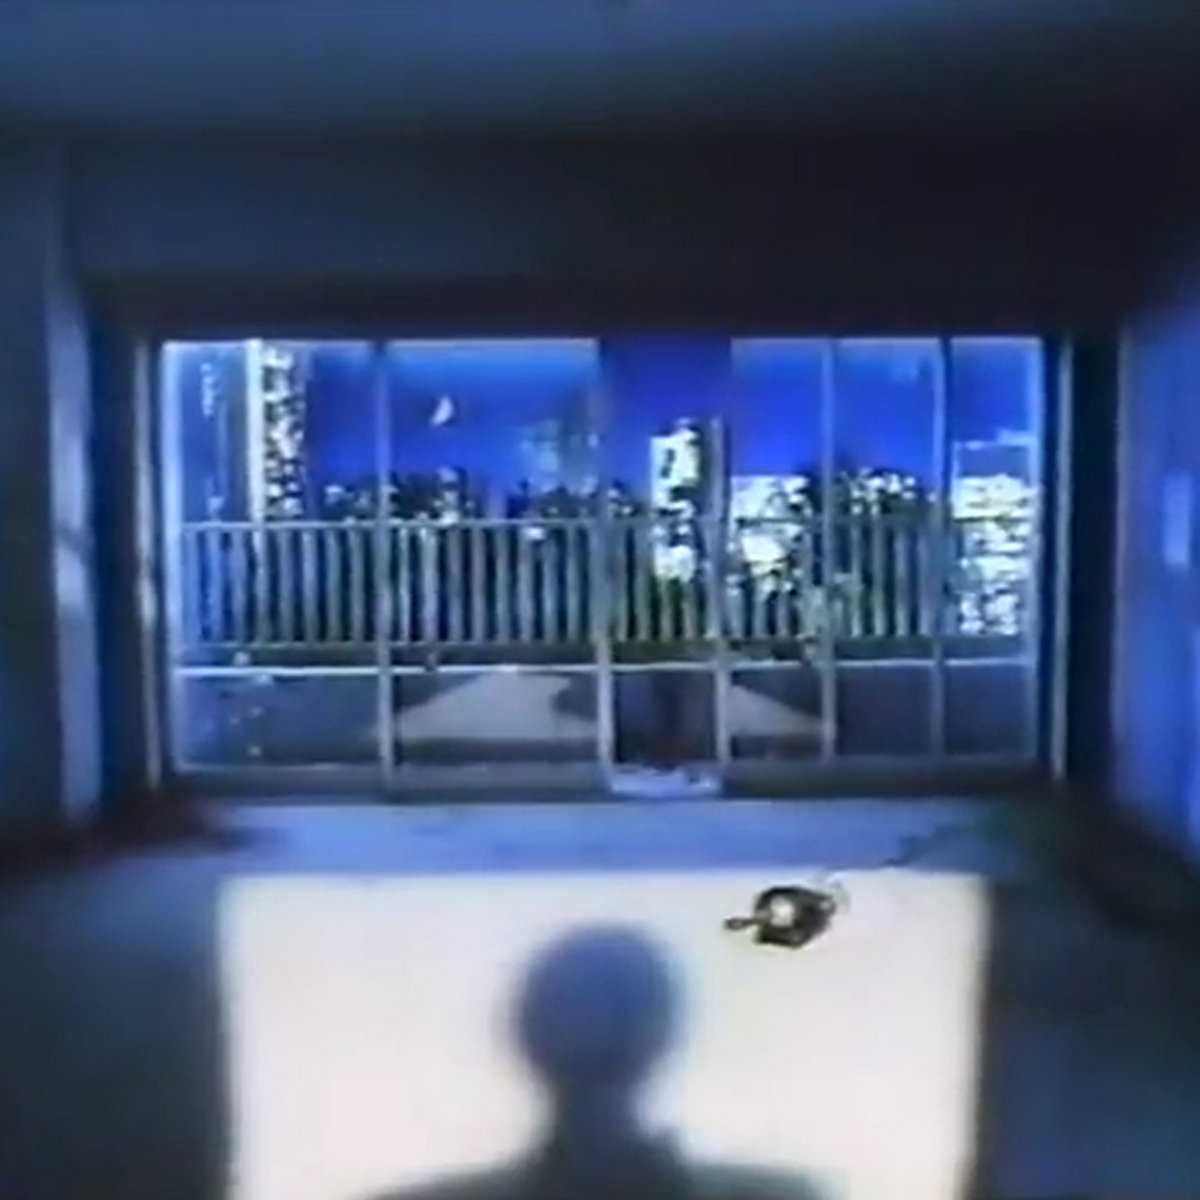 トリニティー無限大 - Blue 光